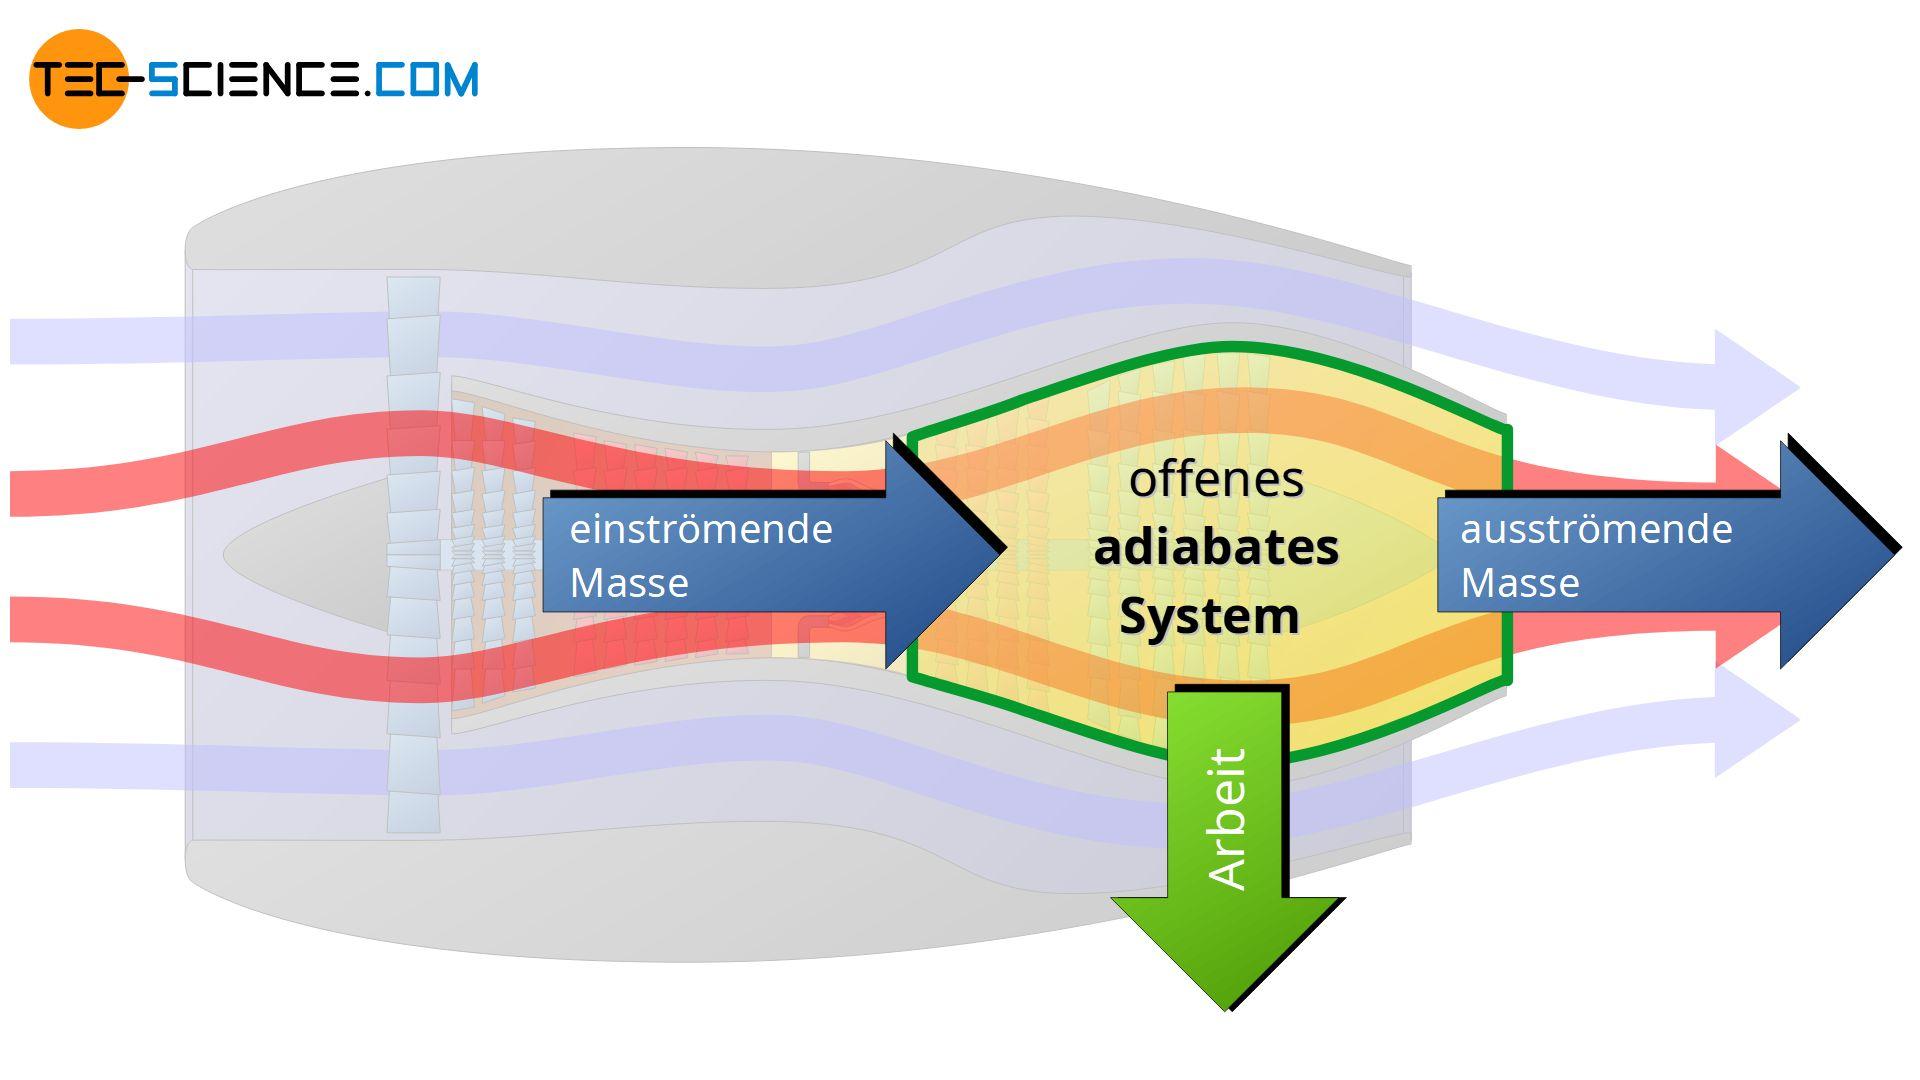 Expansionsvorgang der Verbrennungsluft in einem Triebwerk als Beispiel für ein offenes adiabates System